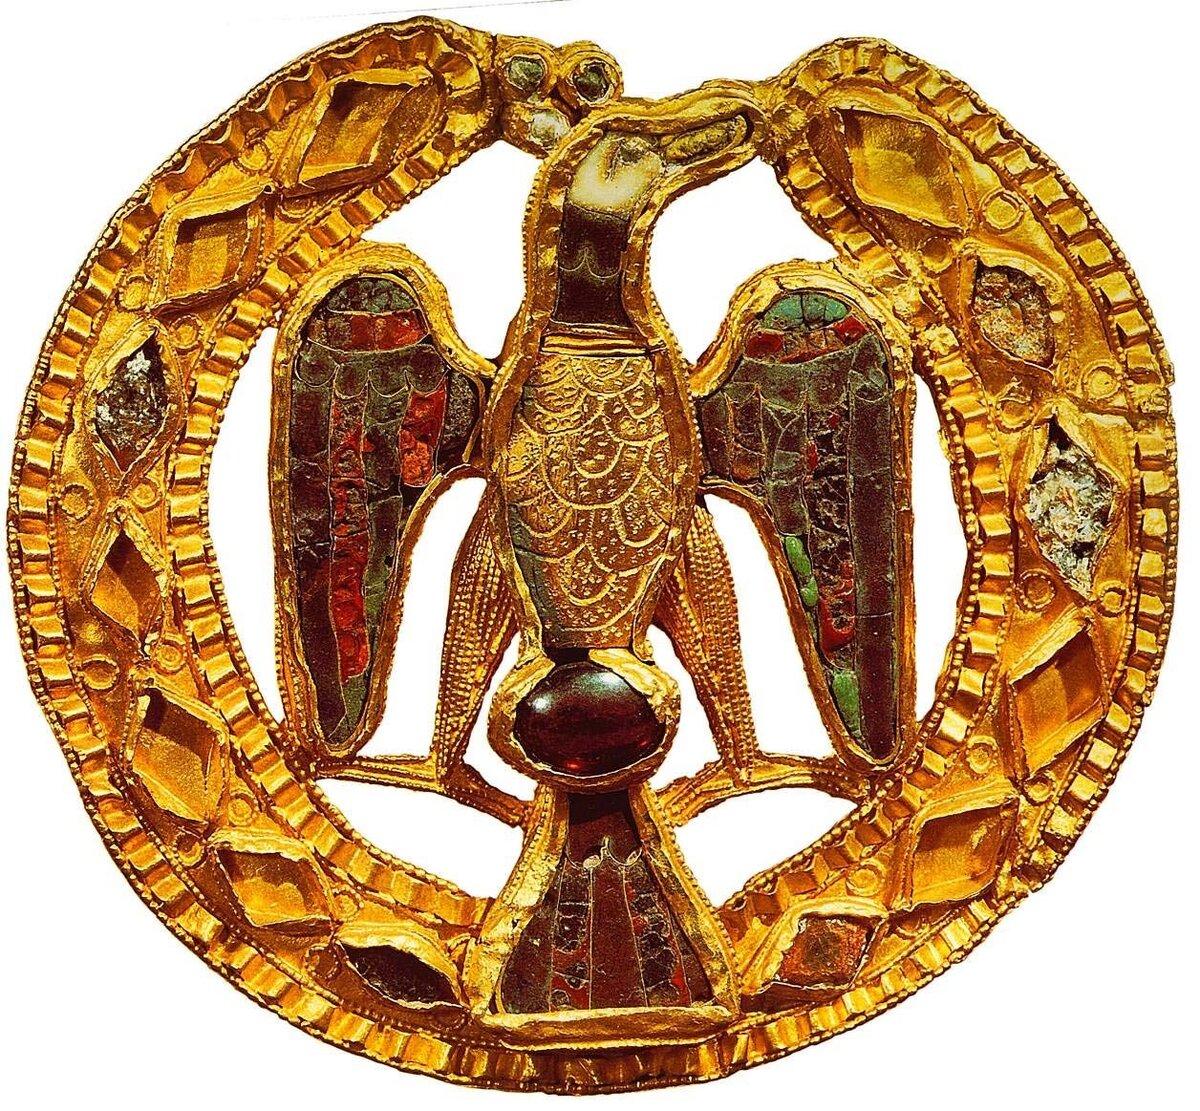 того, чтобы древнеримские украшения с птицами в картинках она была создана